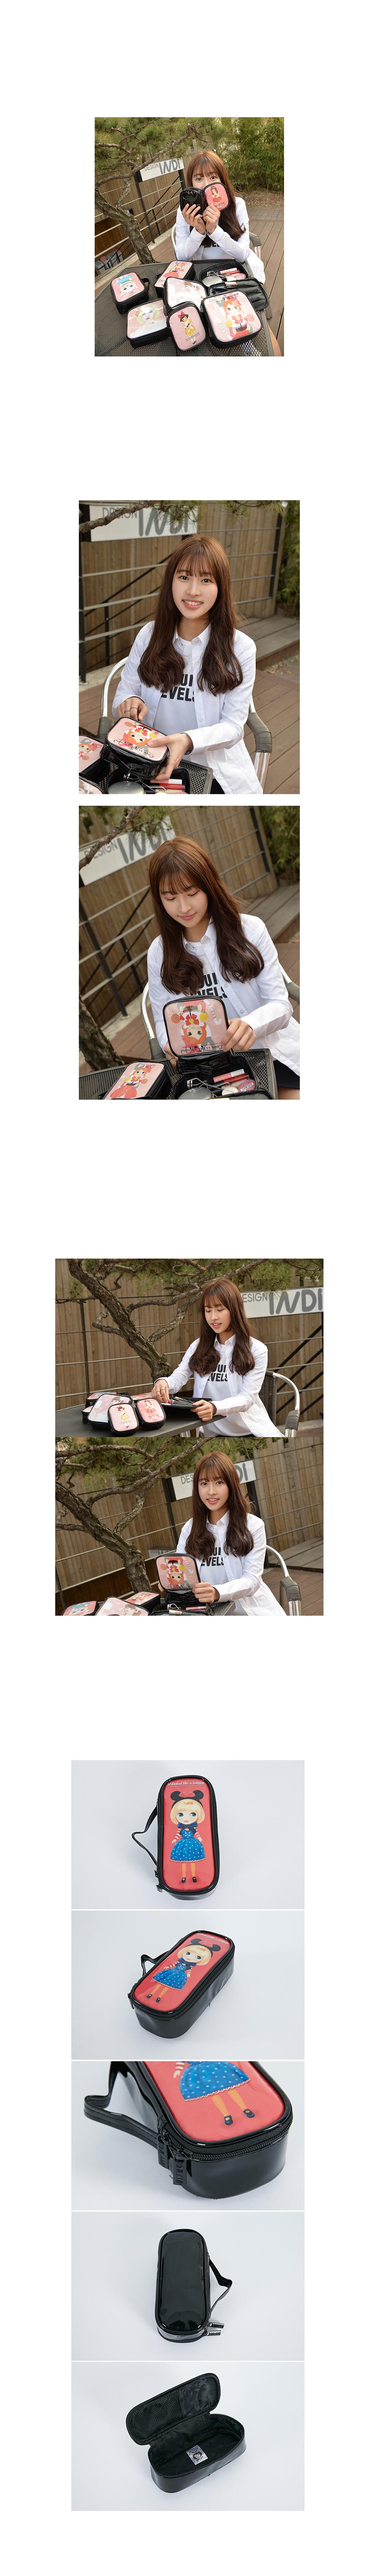 꾸준히 팔리는 애나멜 파우치_작은 싸이즈 - 교복몰, 5,800원, 여성양말, 패션양말